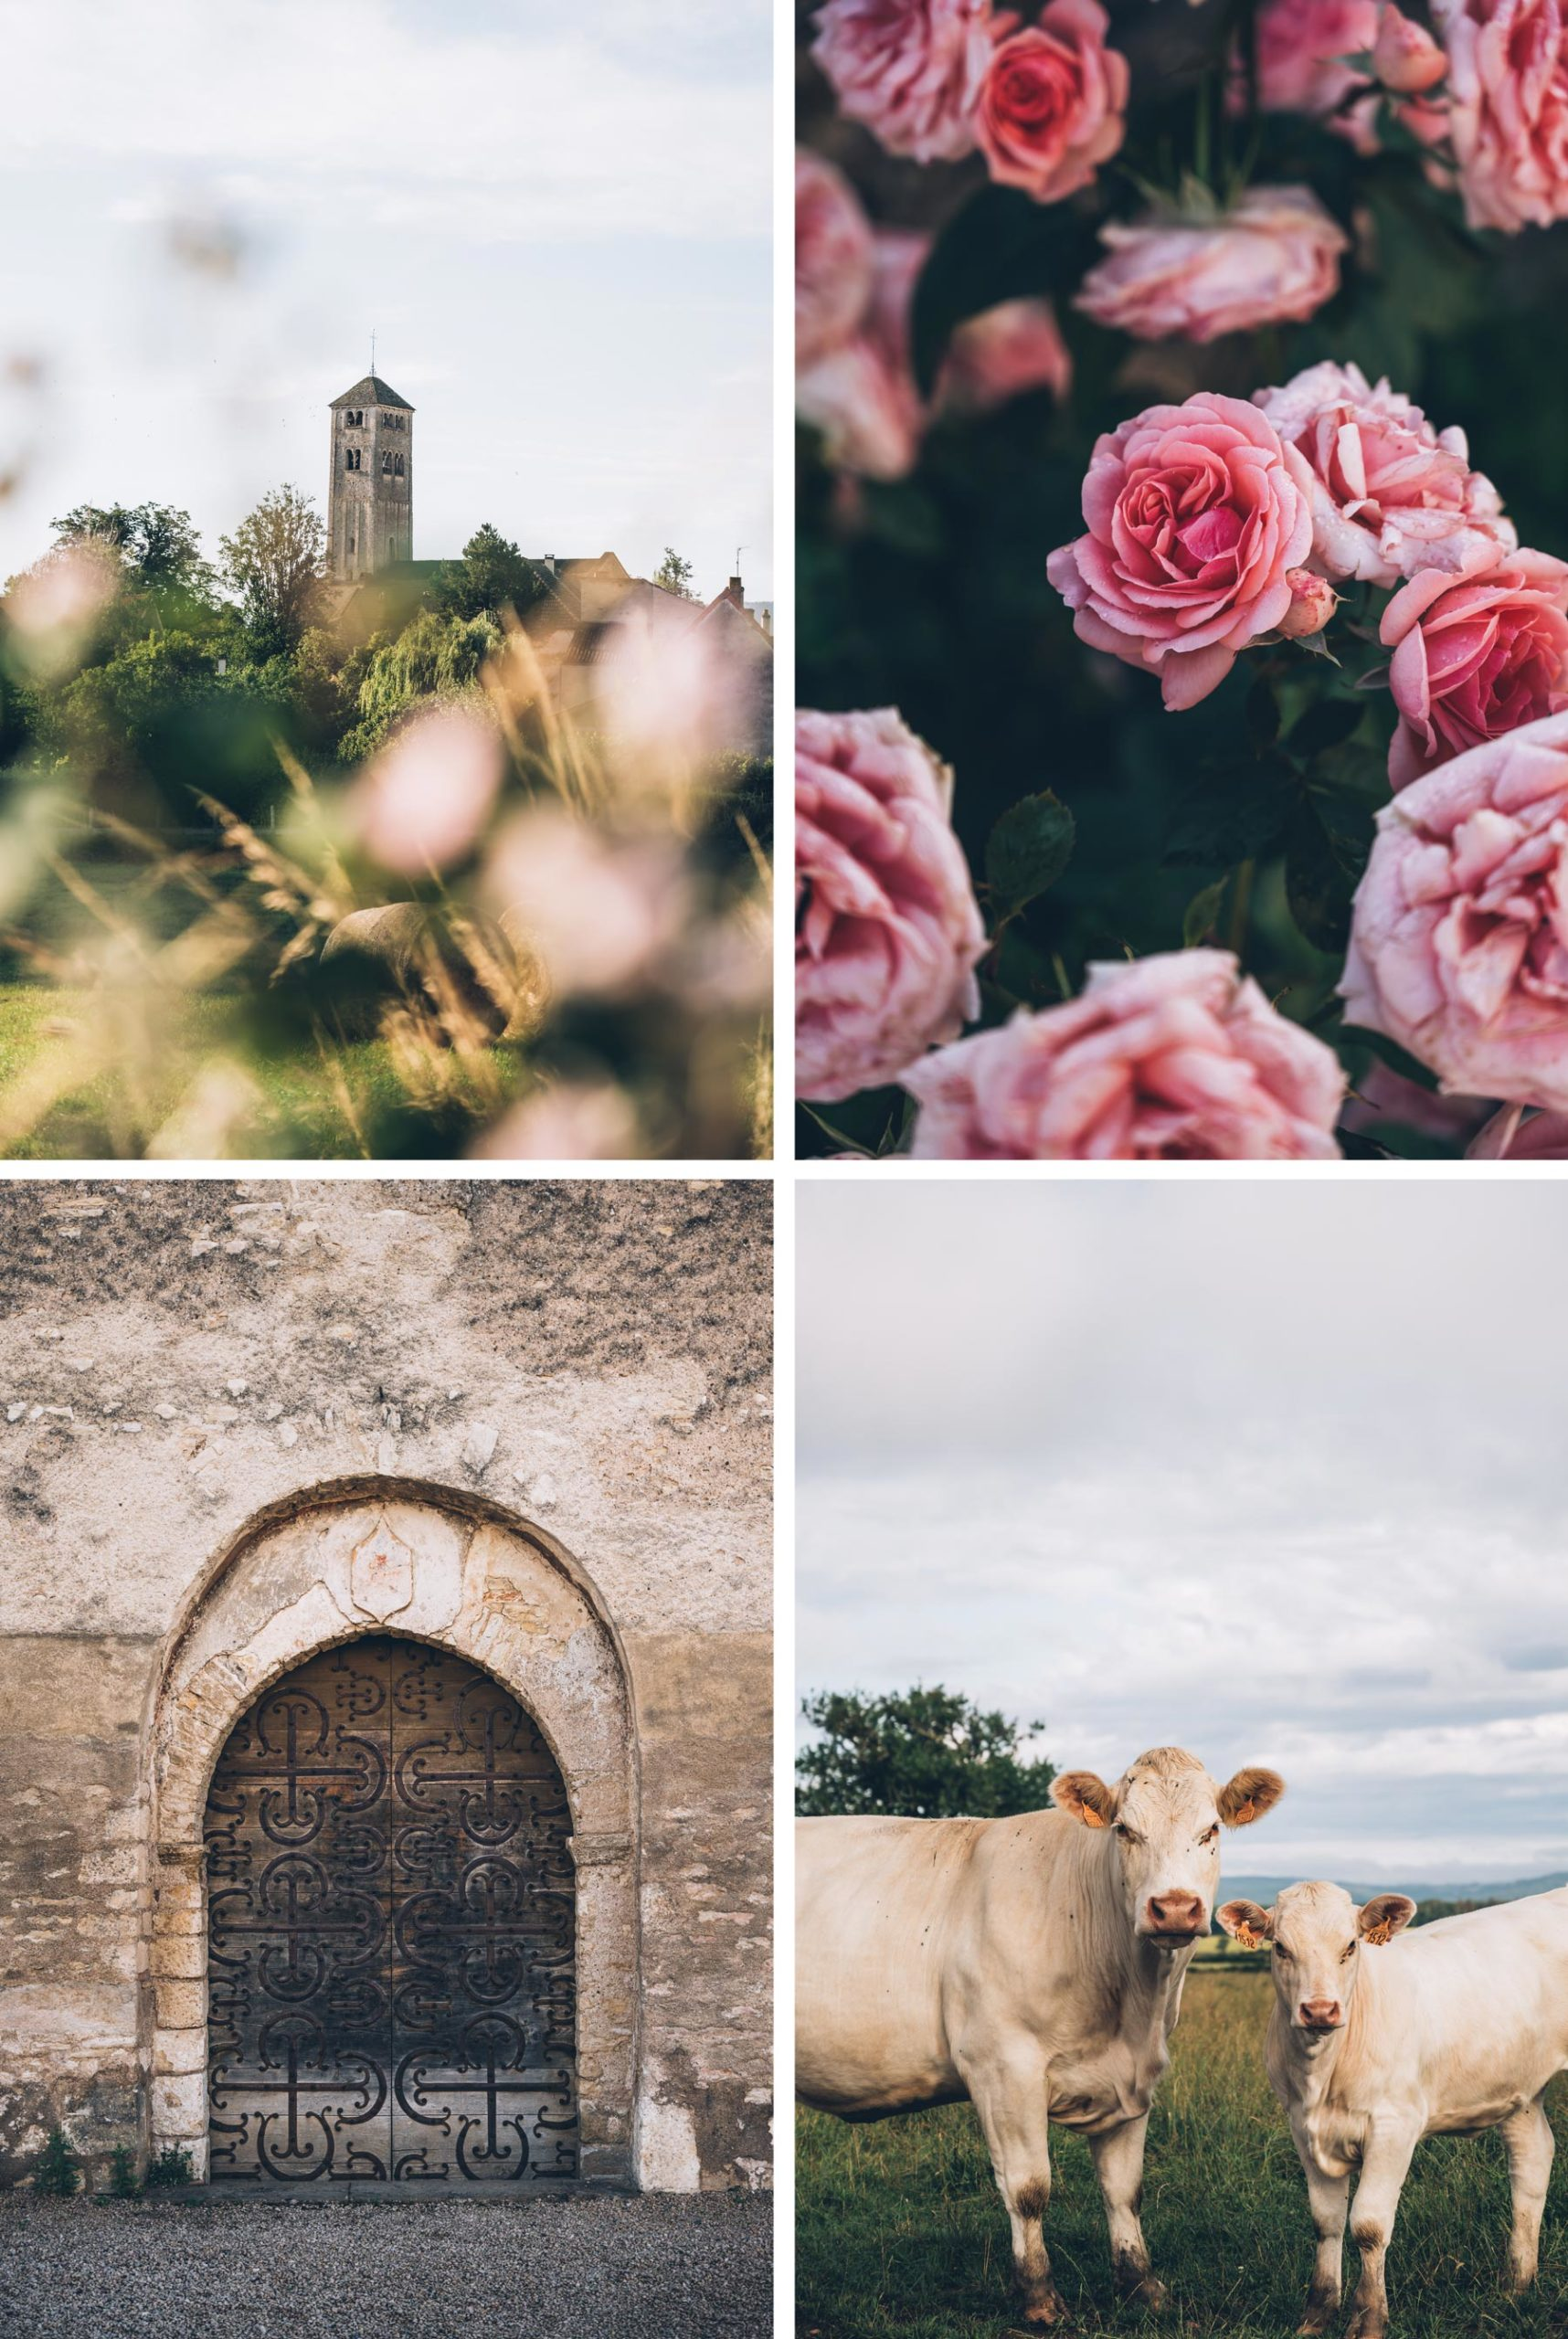 Chapaize, Saone et Loire